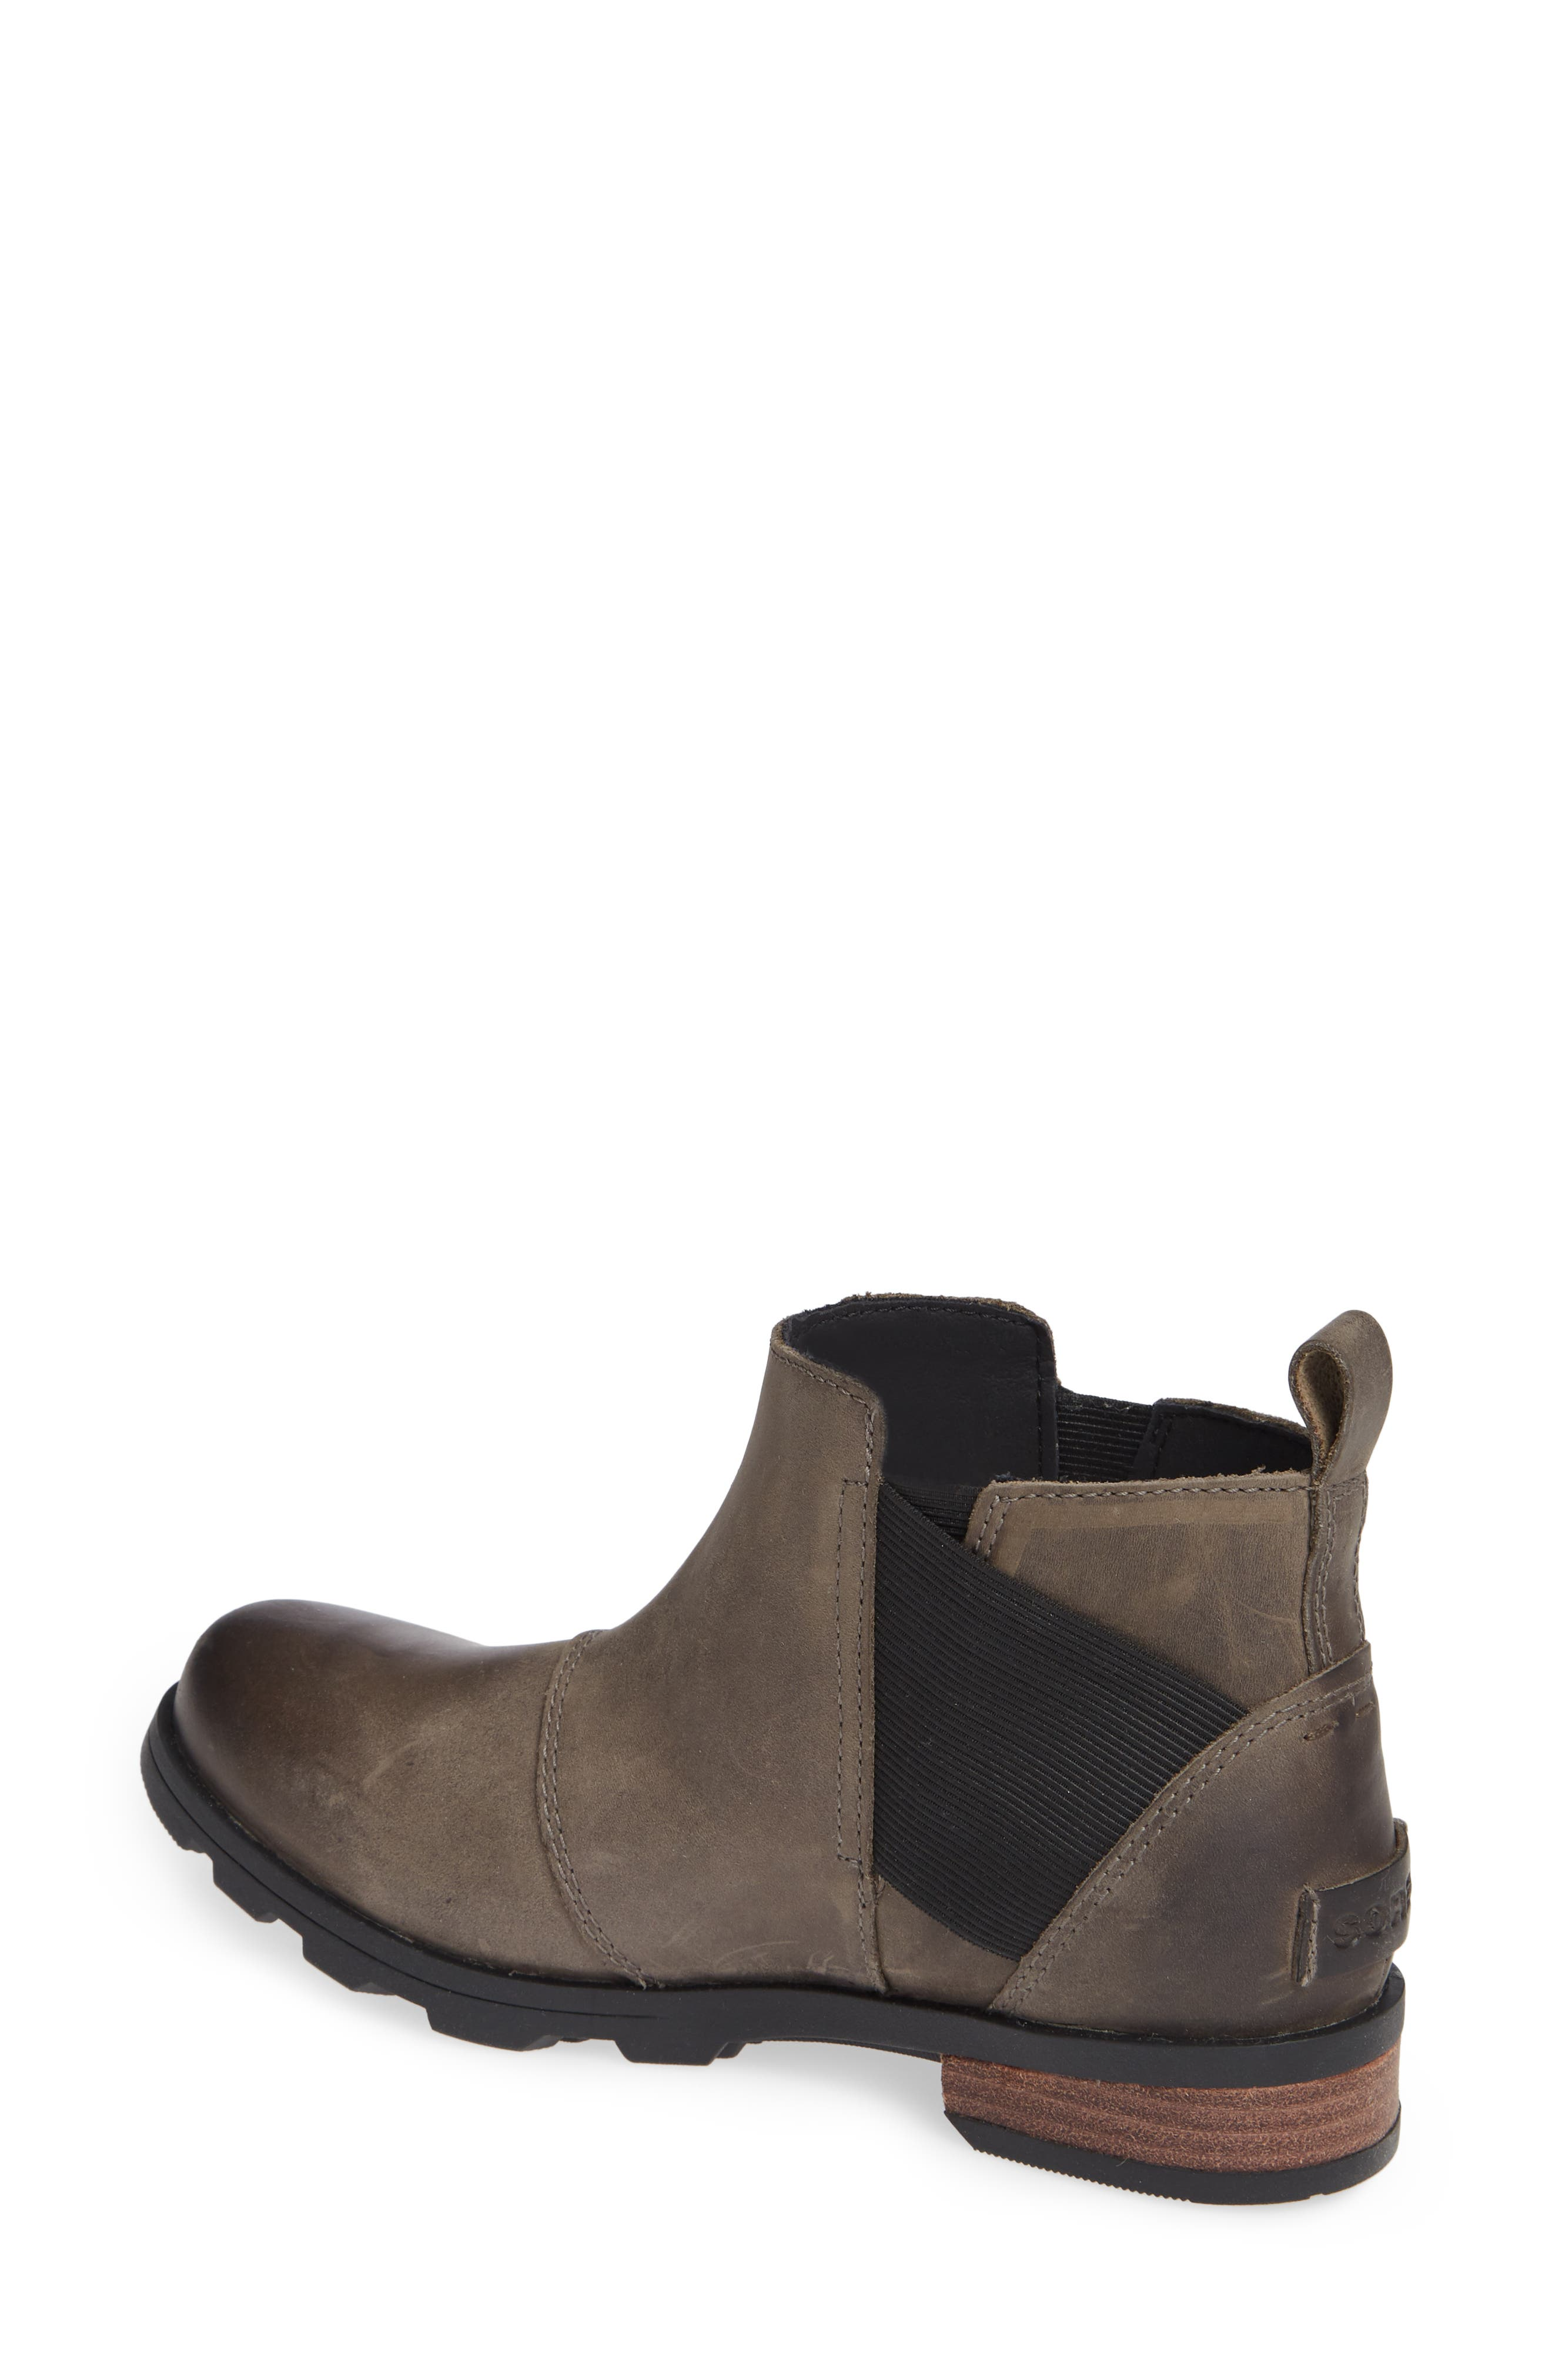 Emelie Waterproof Chelsea Boot,                             Alternate thumbnail 5, color,